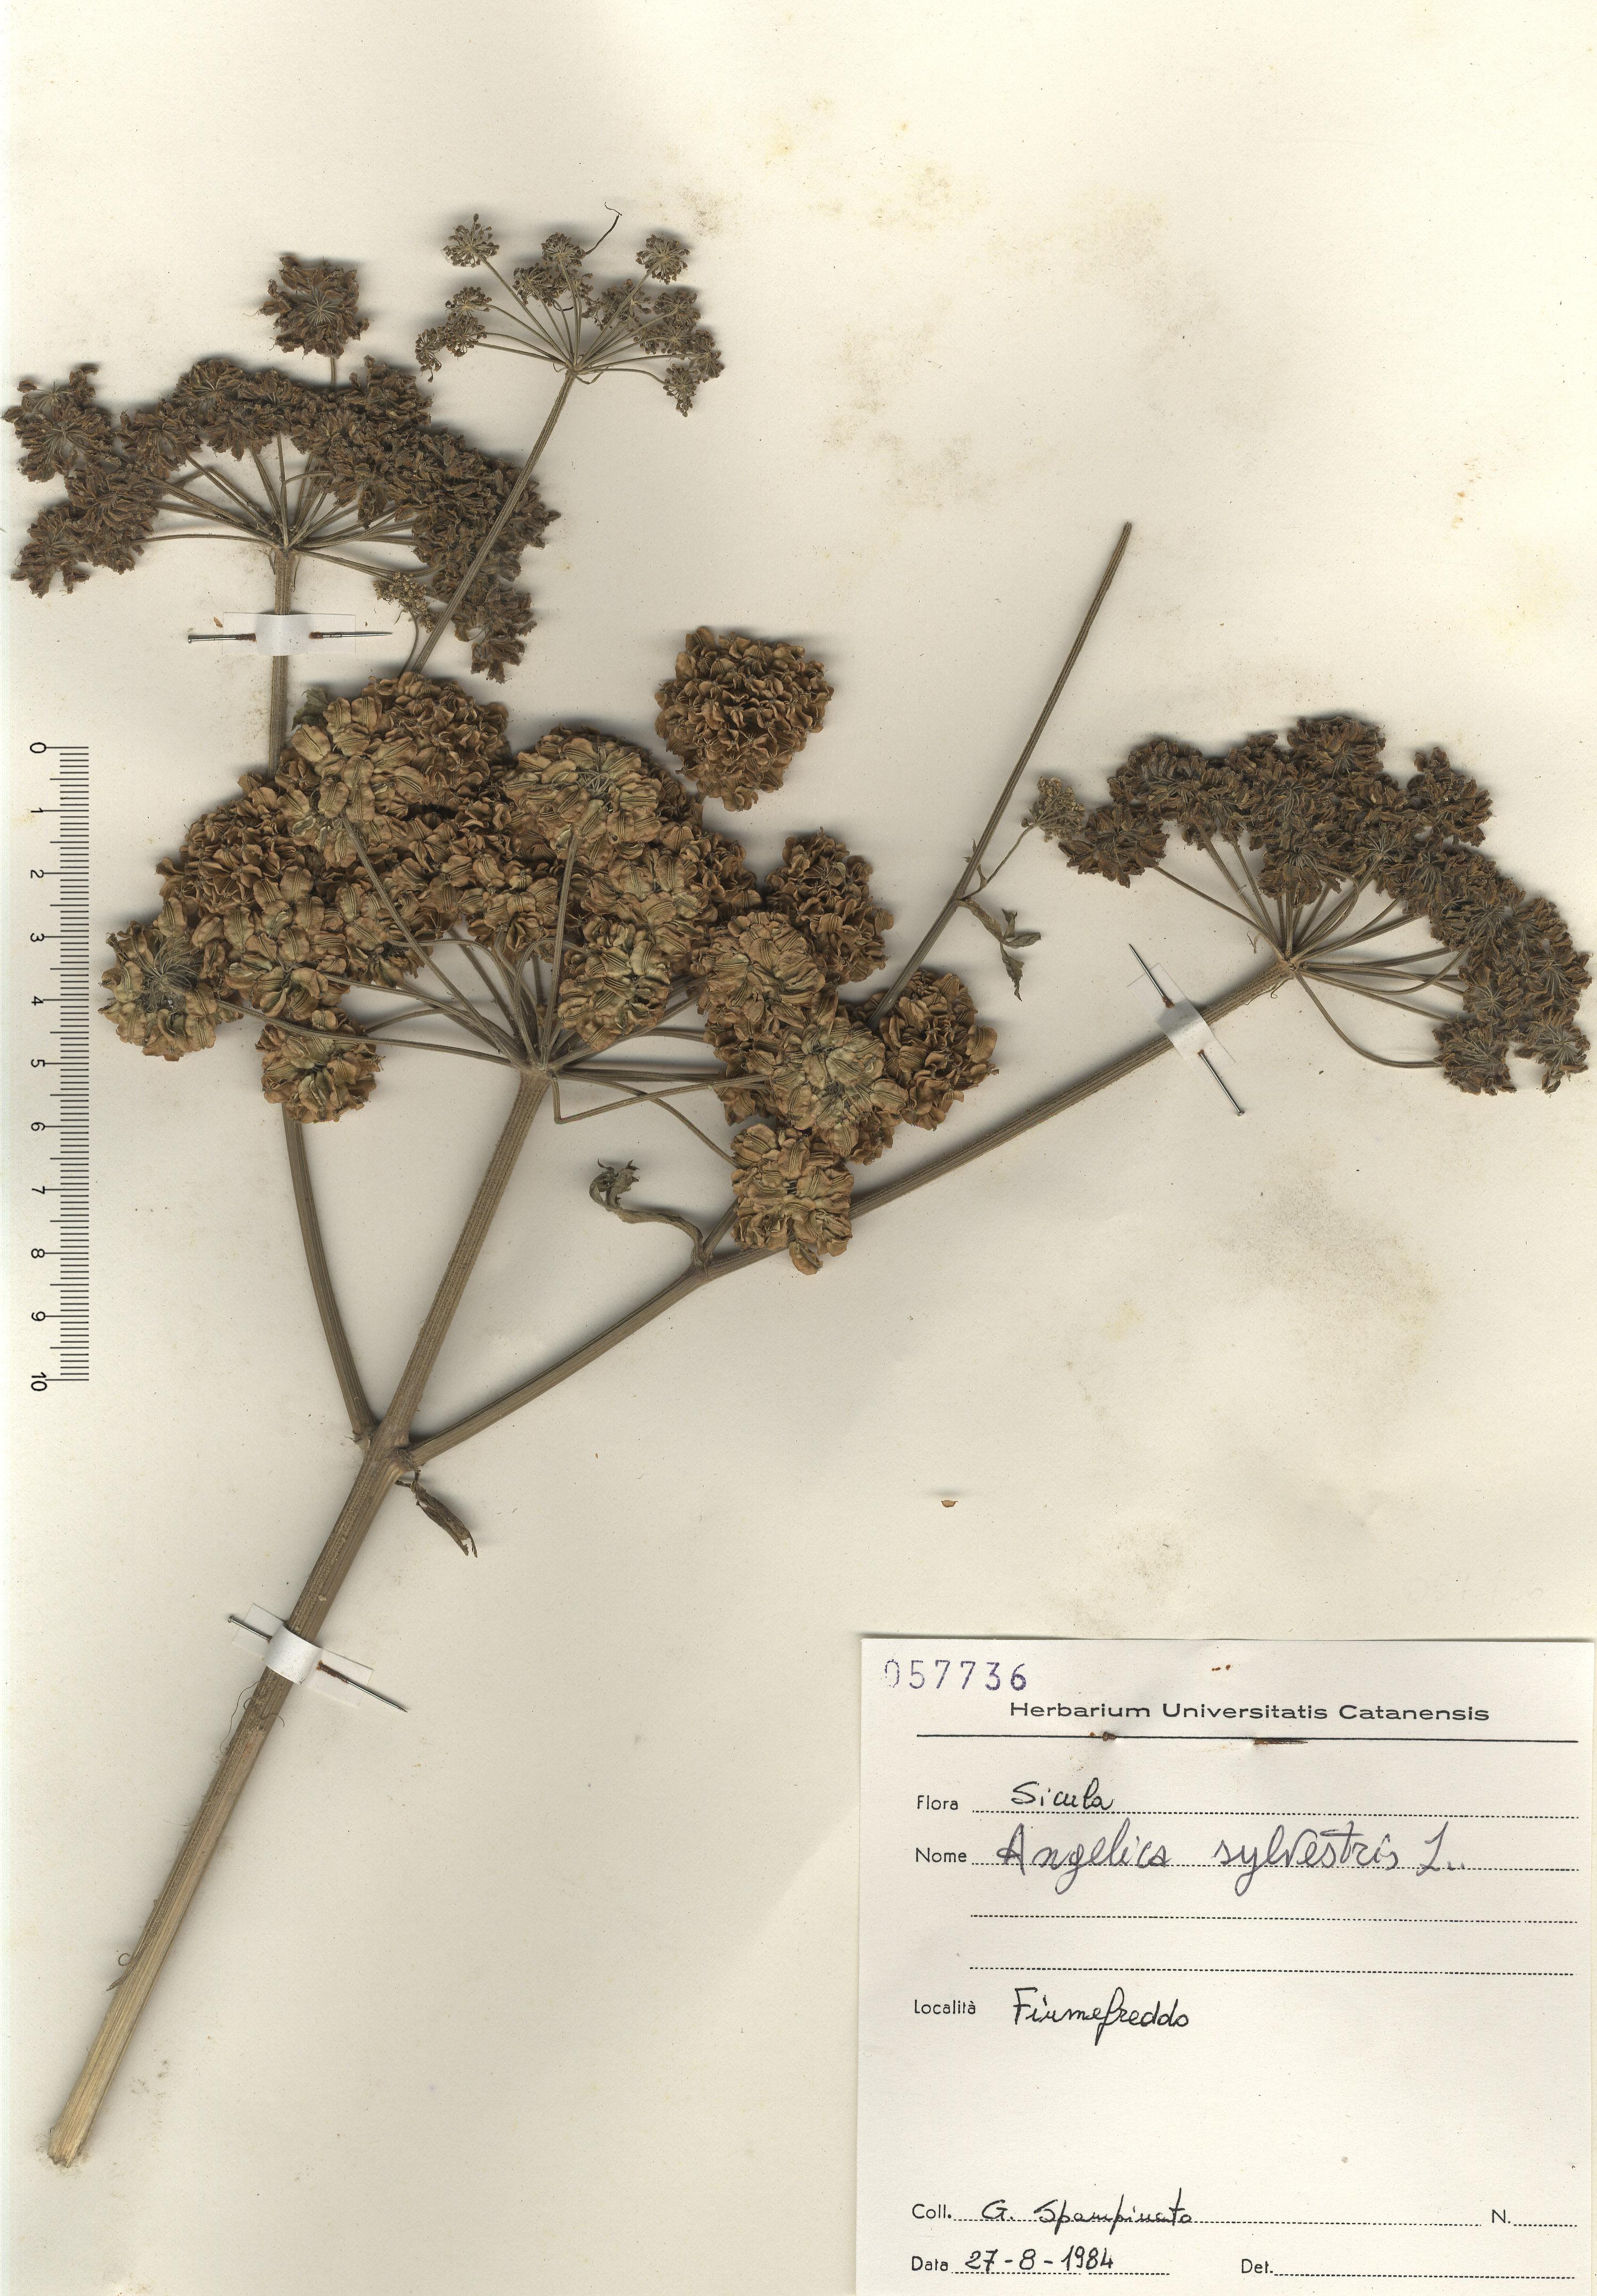 © Hortus Botanicus Catinensis - Herb sheet 057736<br>